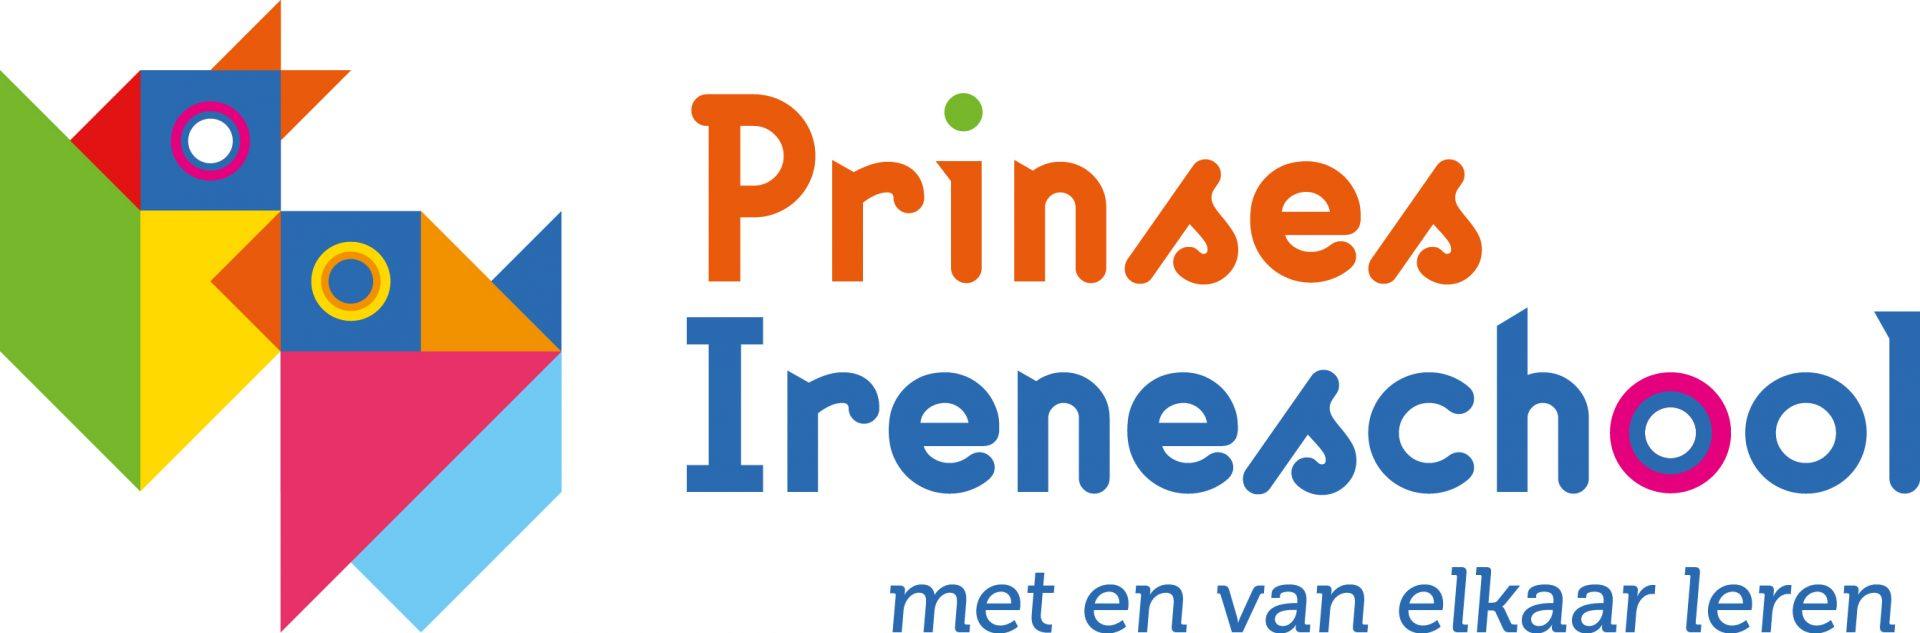 Sponsor Prinses Irene